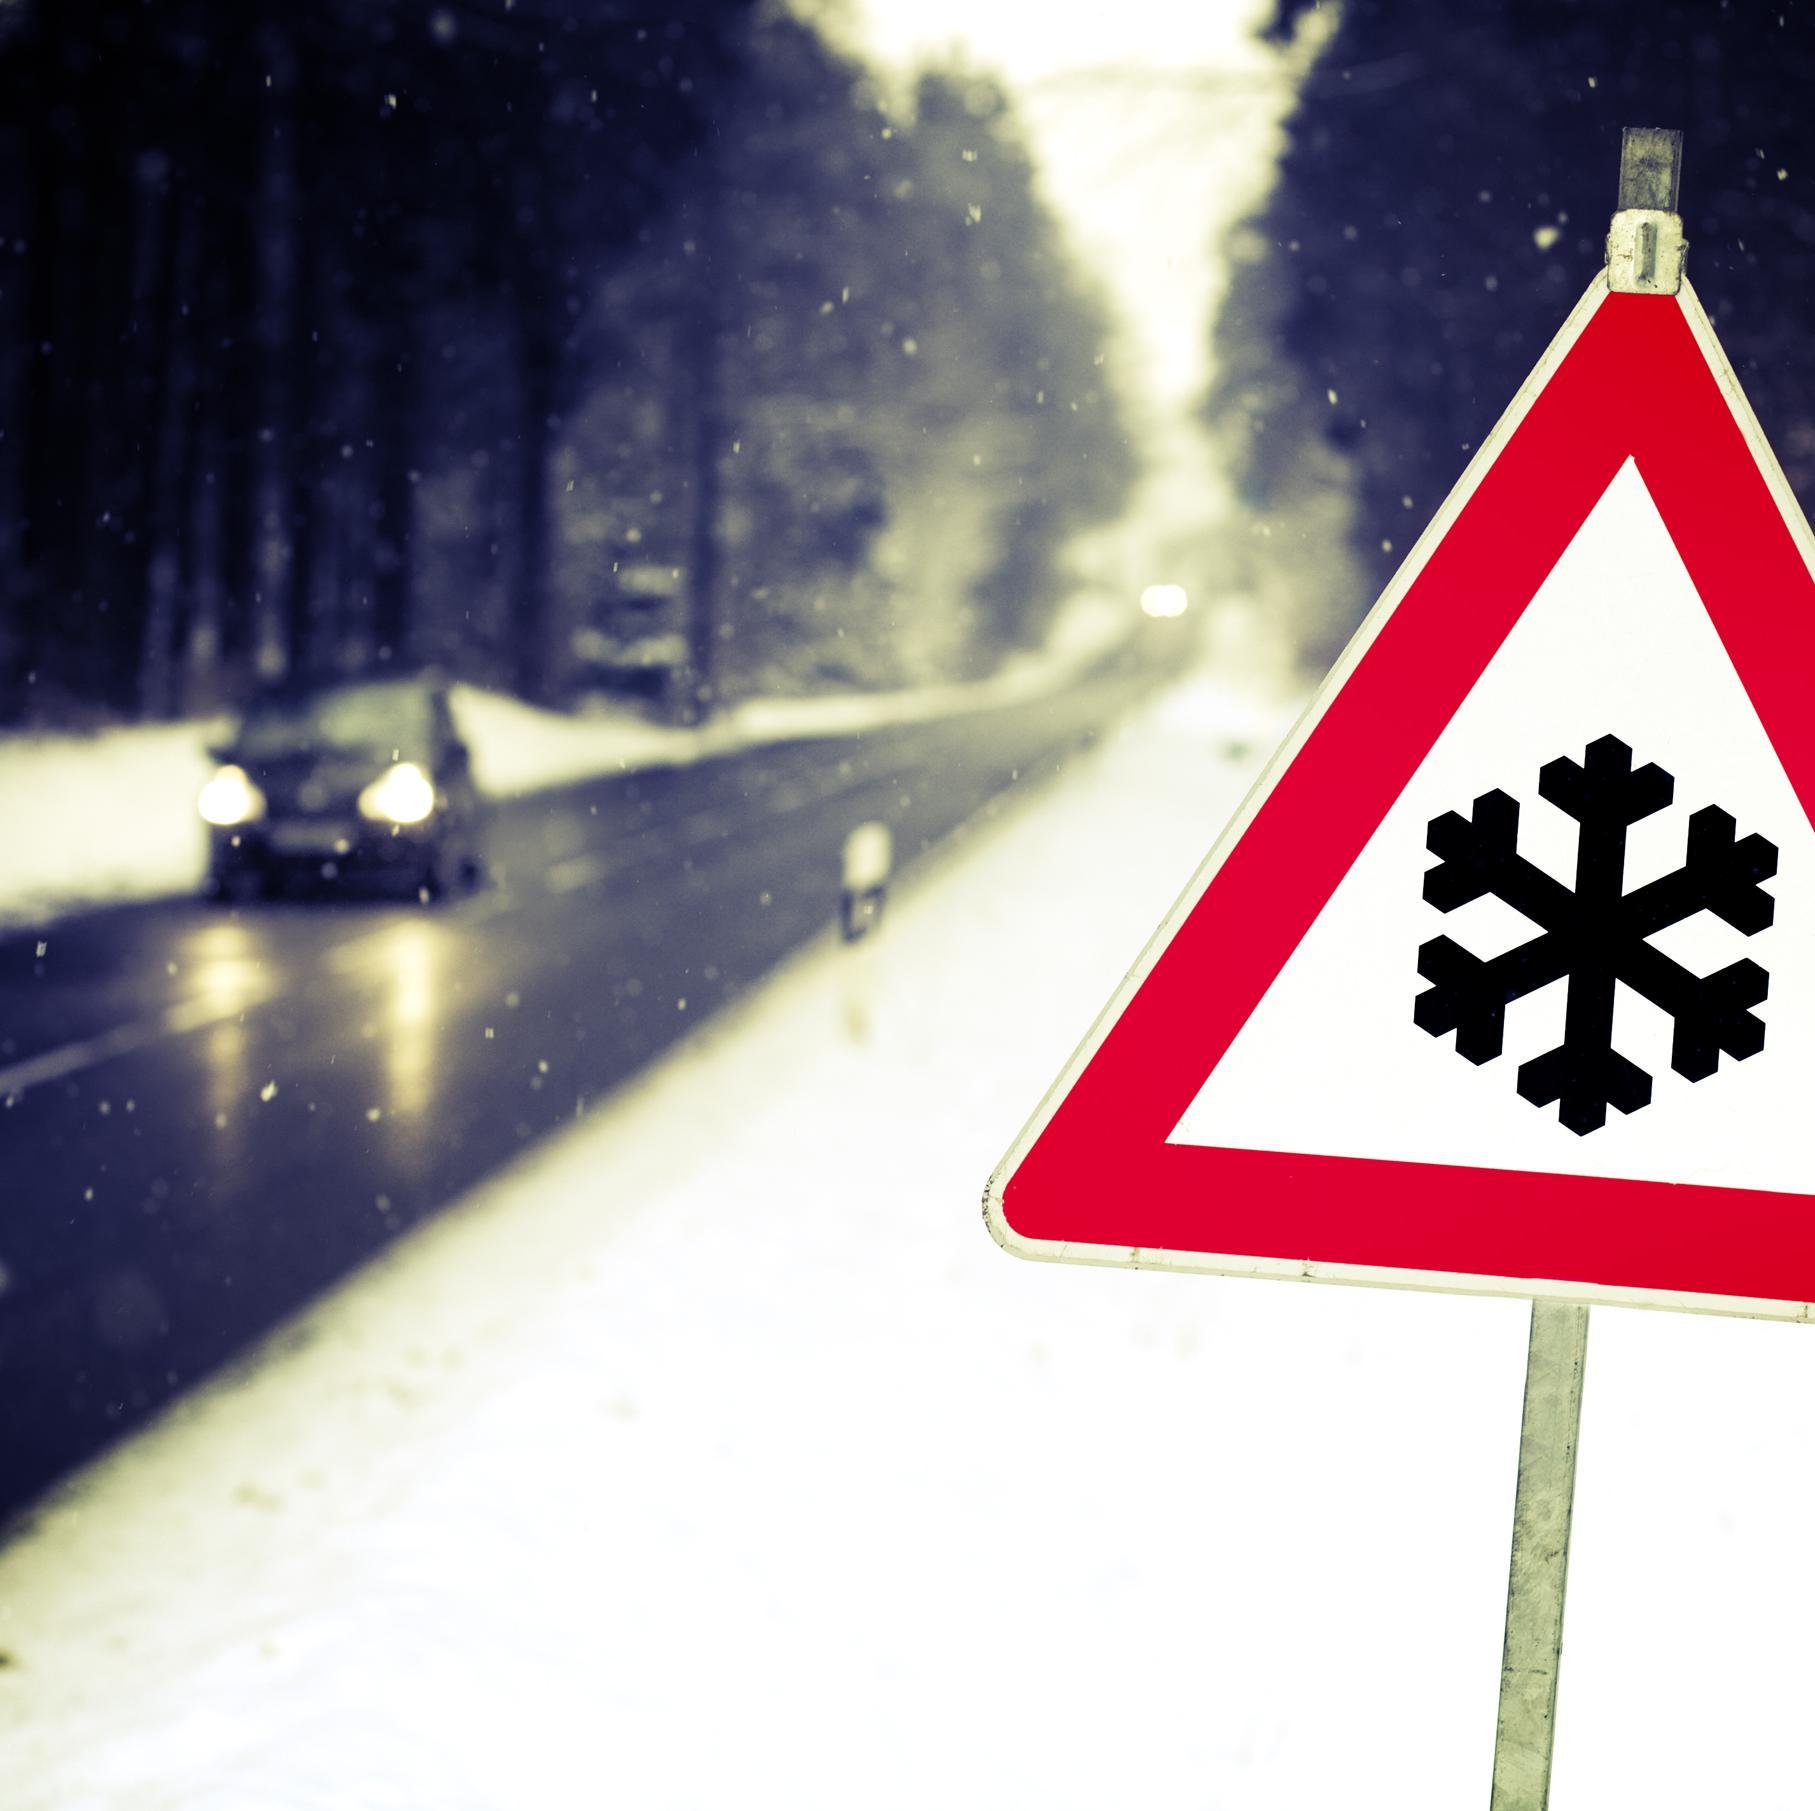 Conduire en hiver : les bons réflexes pour circuler en sécurité !